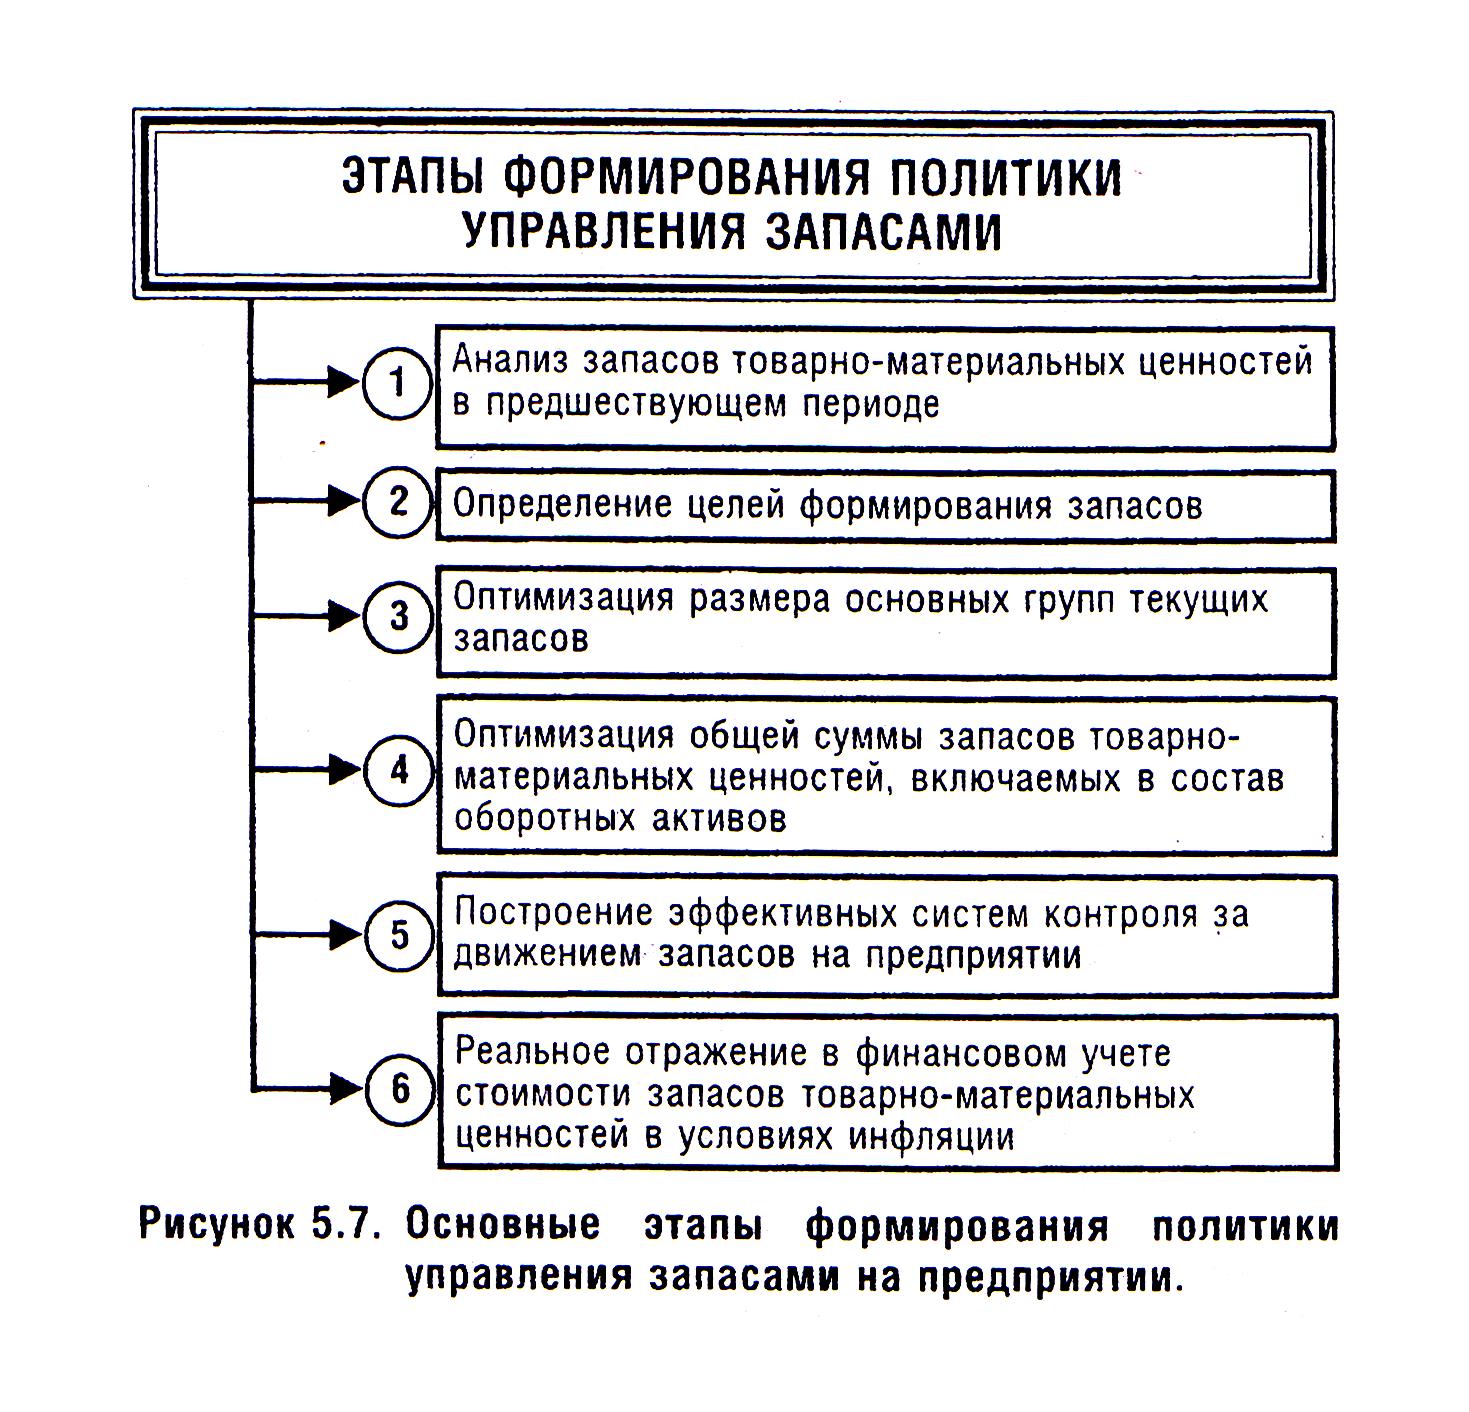 Схема управления запасами на предприятии